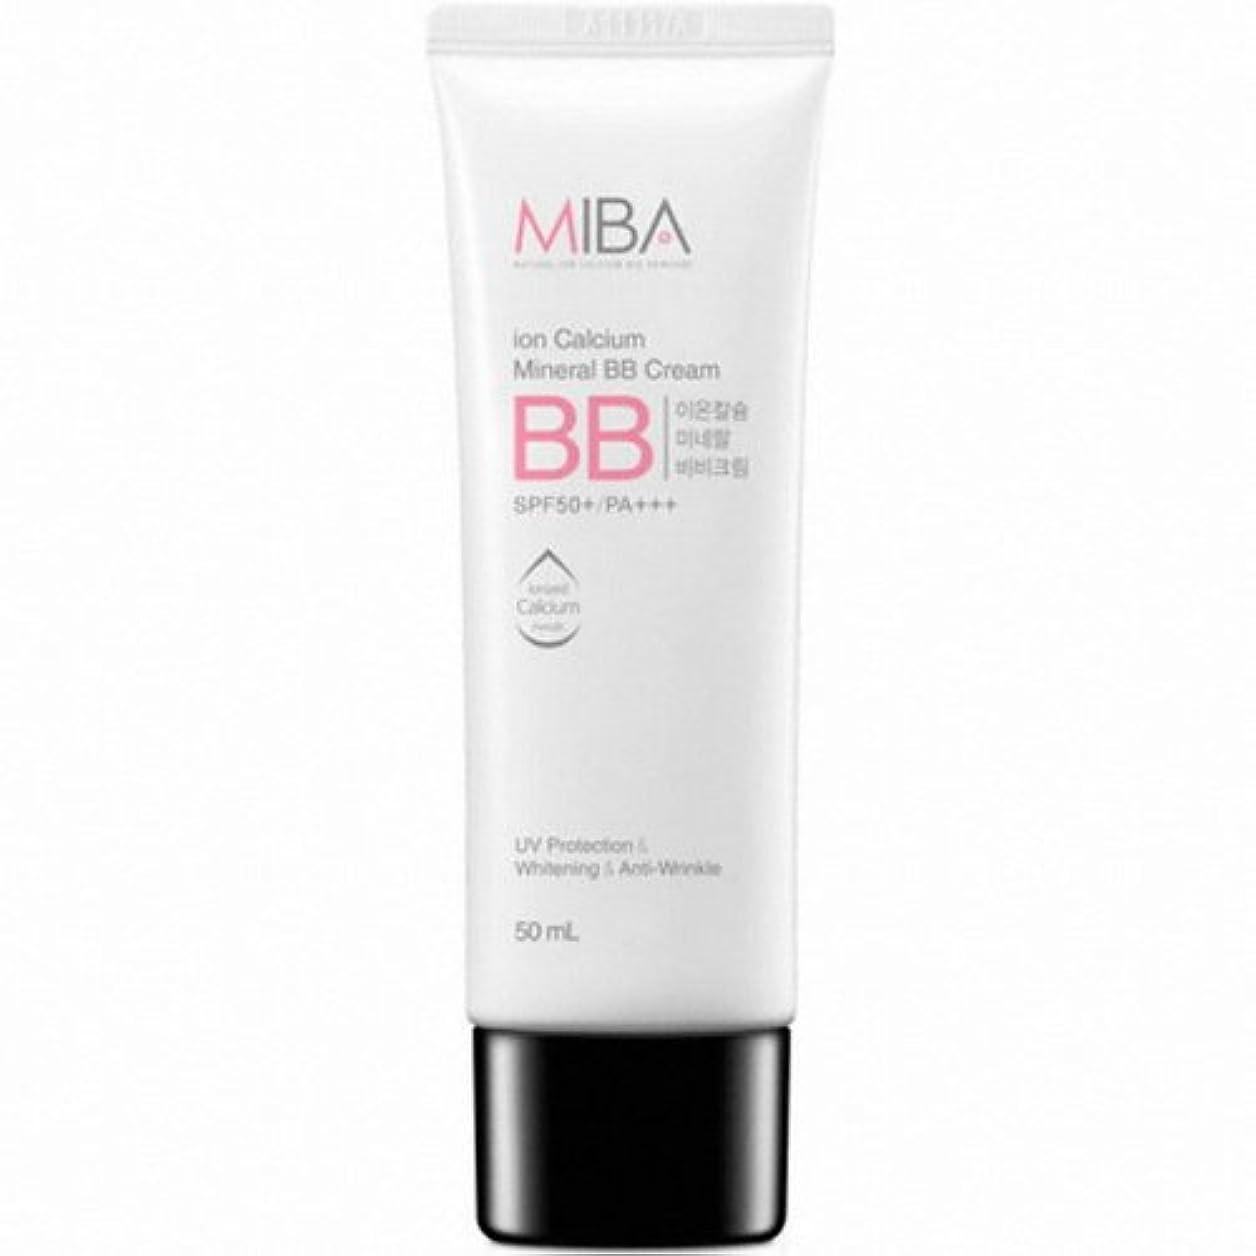 頼る間欠植物学者MINERALBIO (ミネラルバイオ) ミバ イオン カルシウム ミネラル ビビクリーム / MIBA Ion Calcium Mineral BB Cream (50ml) [並行輸入品]